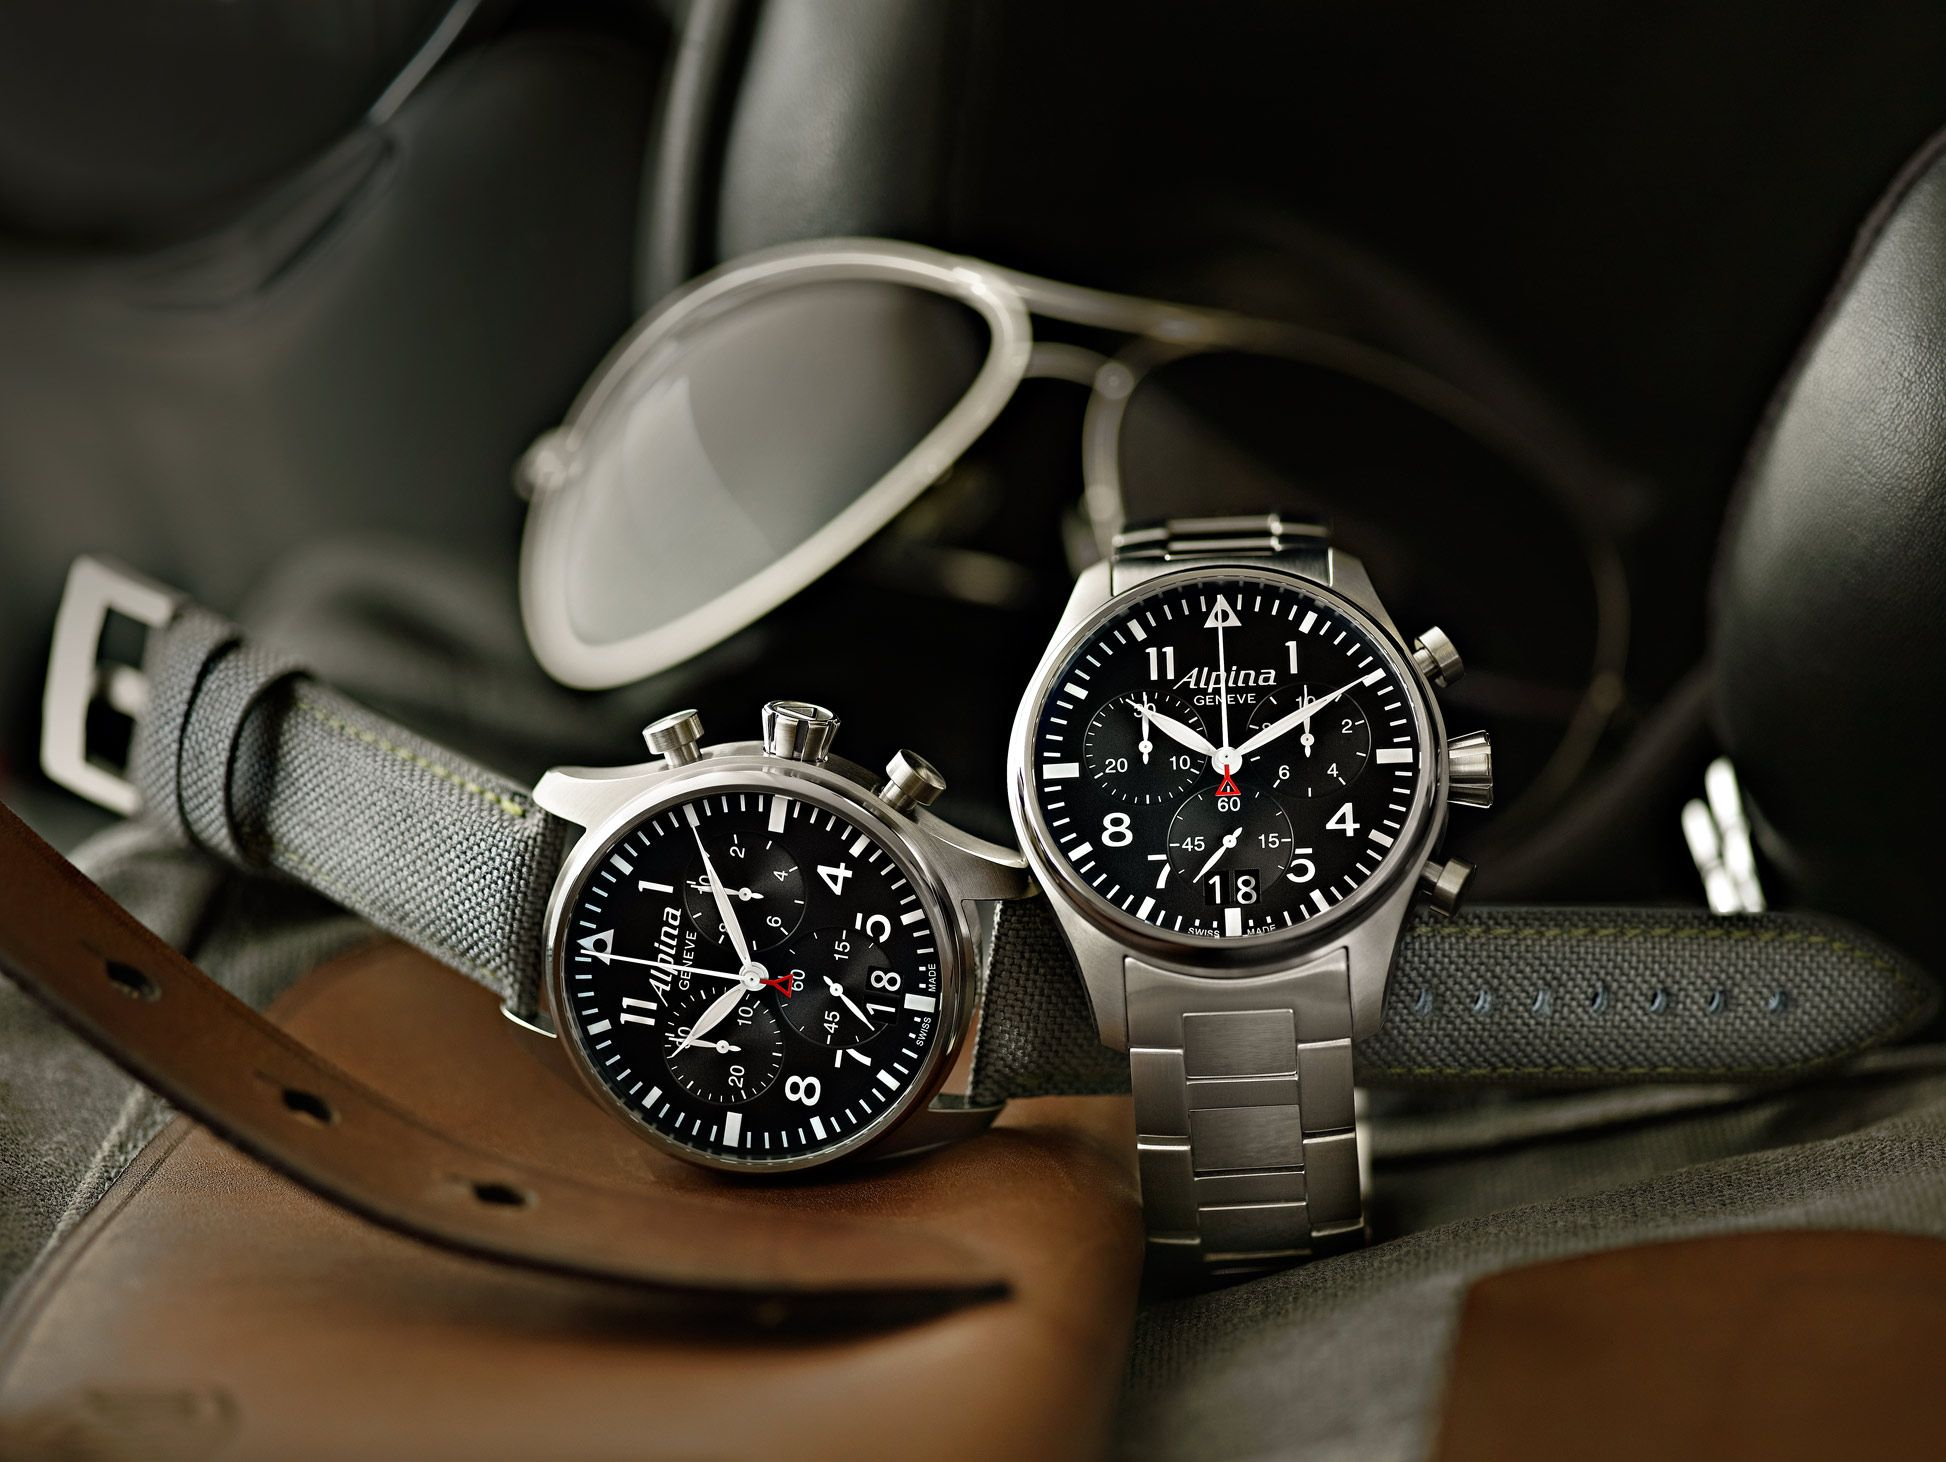 Imagini pentru 1. Alpina Heritage Pilot Chronograph Automatic